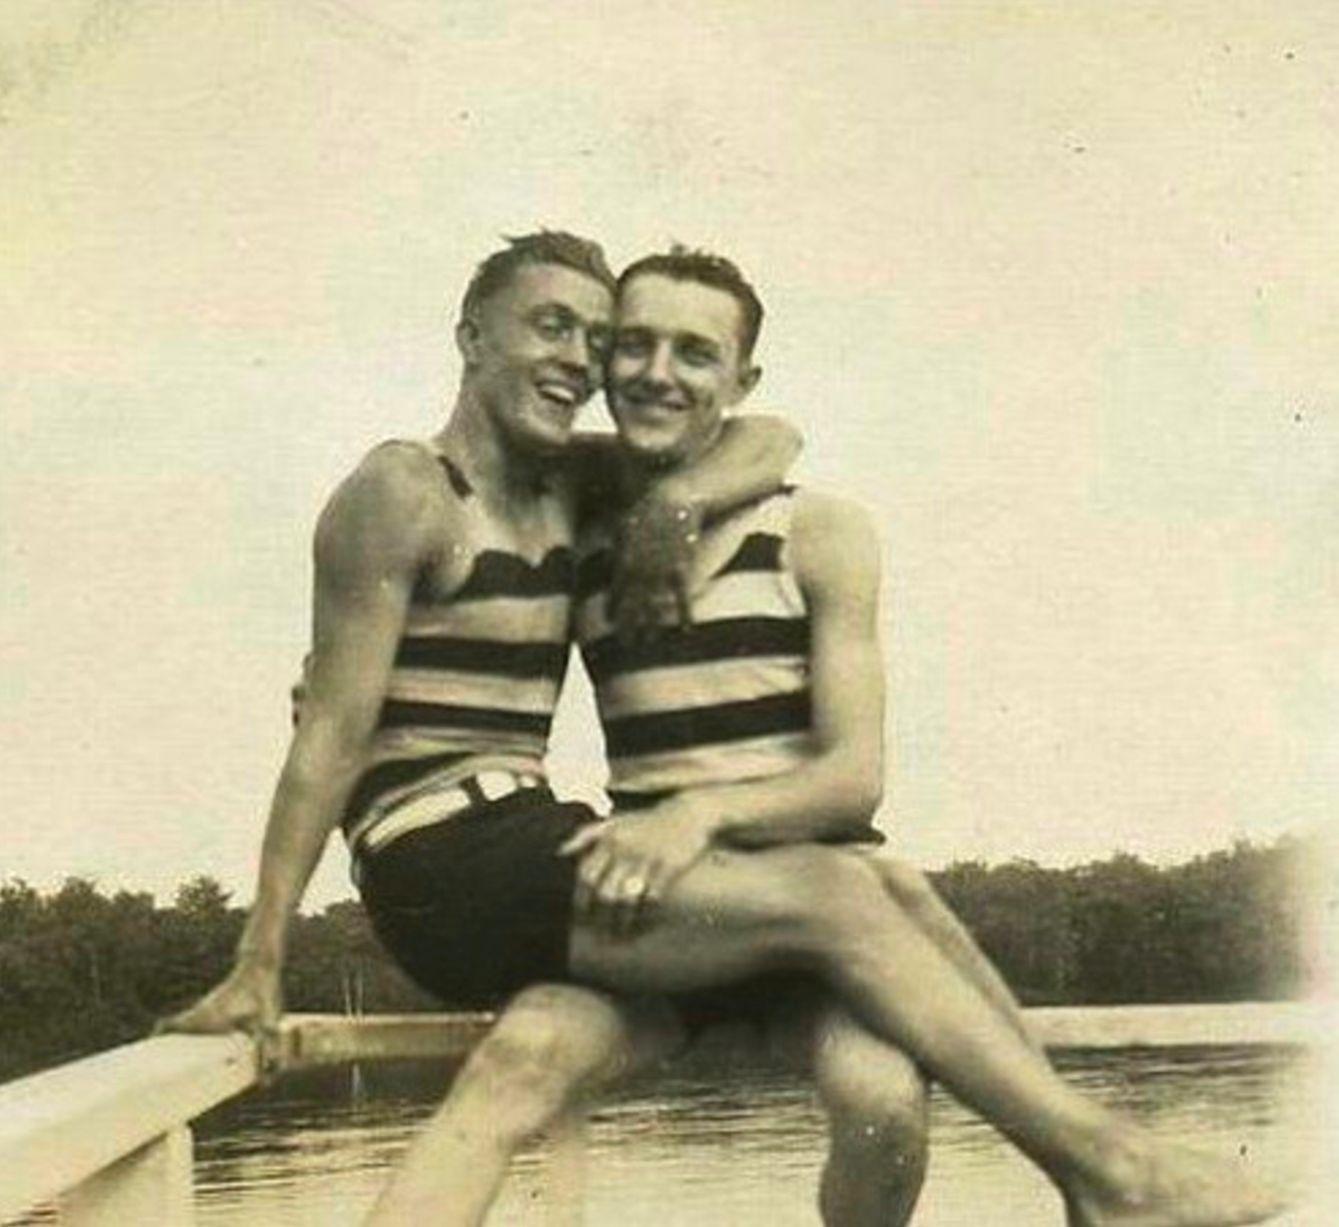 Những hình ảnh thân mật của các chàng trai cách đây 100 năm: Đồng tính không phải trào lưu - Ảnh 4.